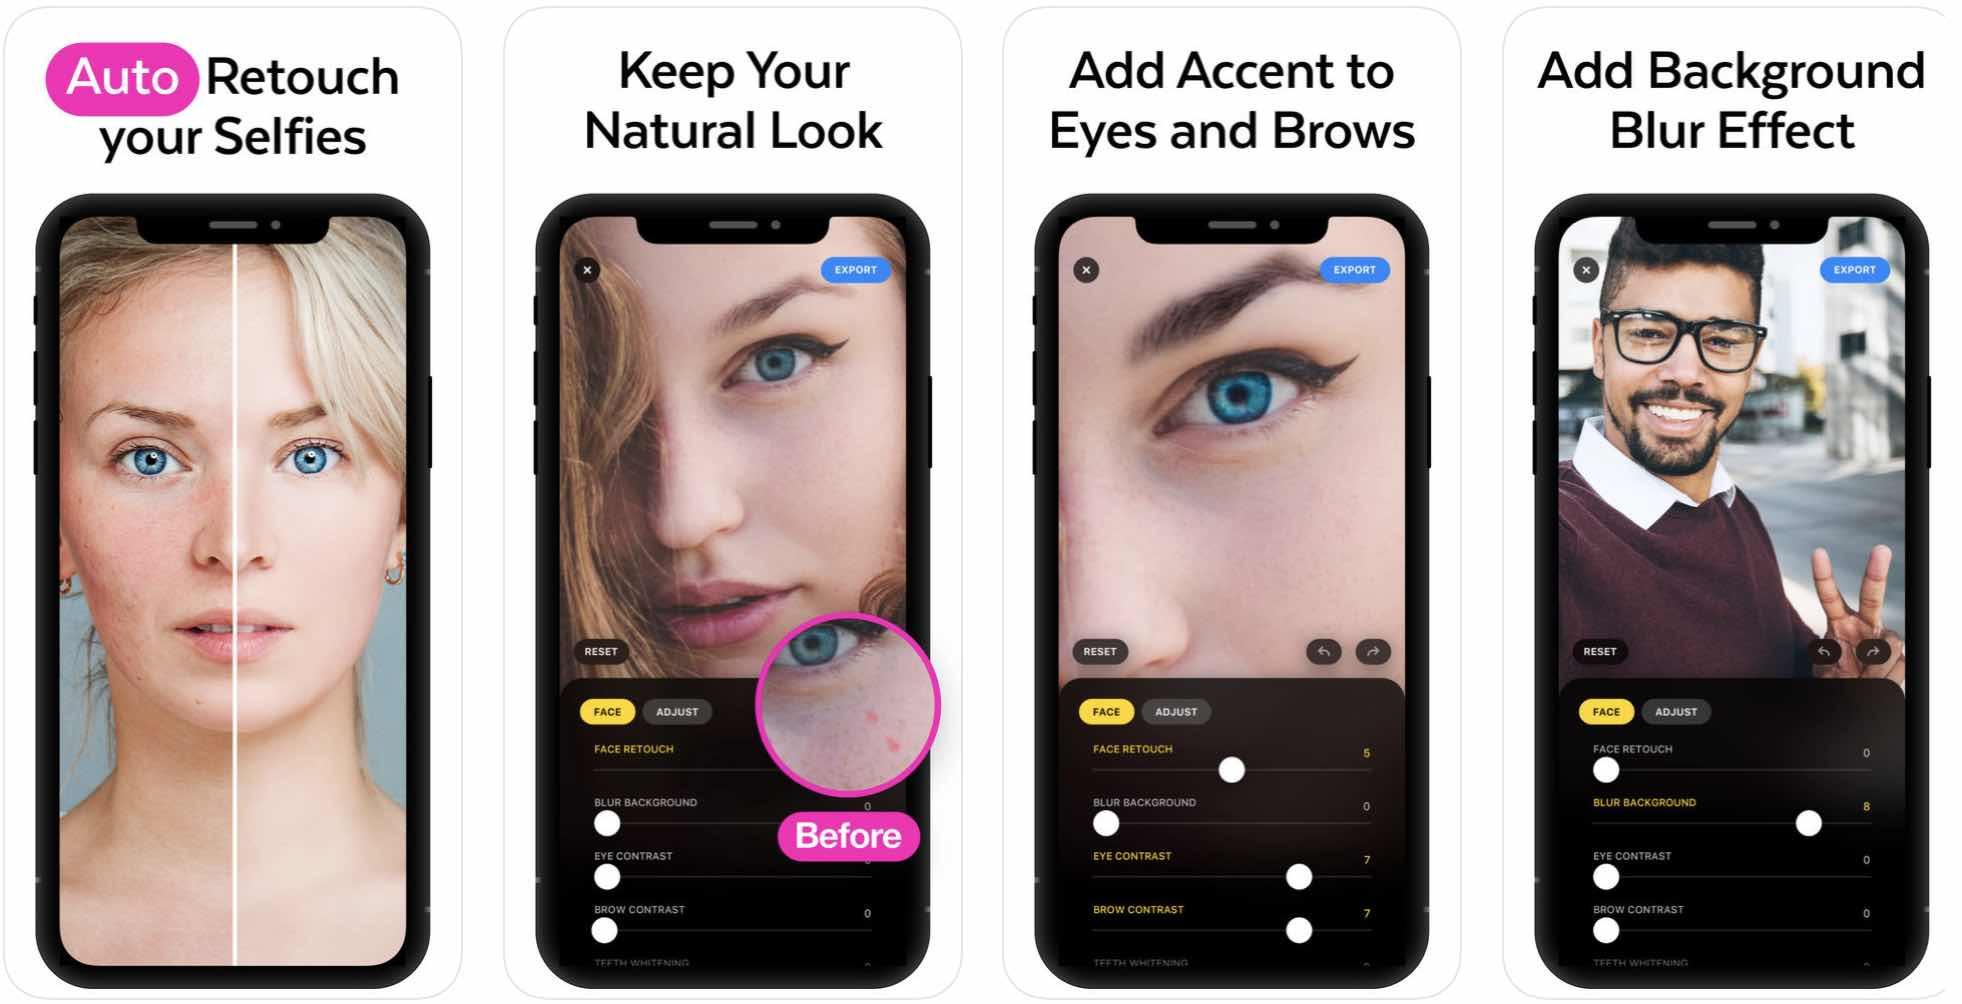 Розробники Prisma випустили новий застосунок Lensa